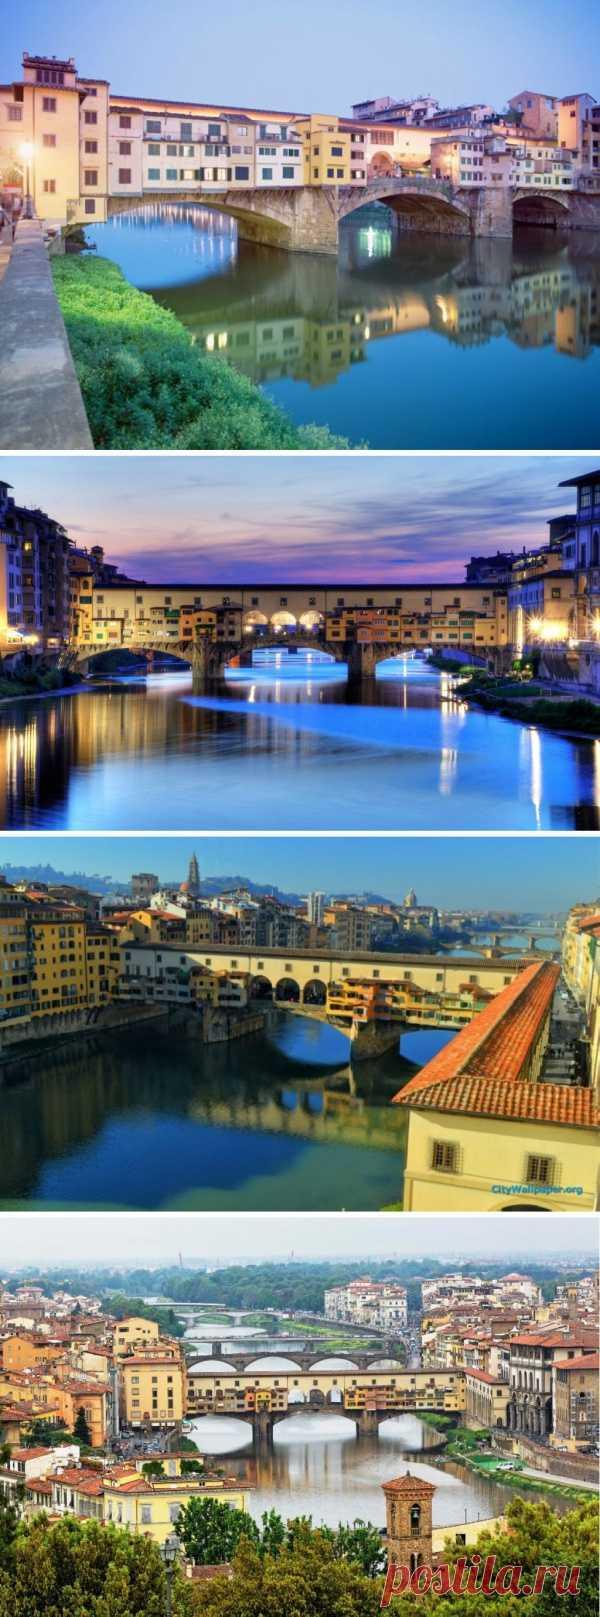 Вы видели мост на котором стоят жилые дома? Флоренция, Италия